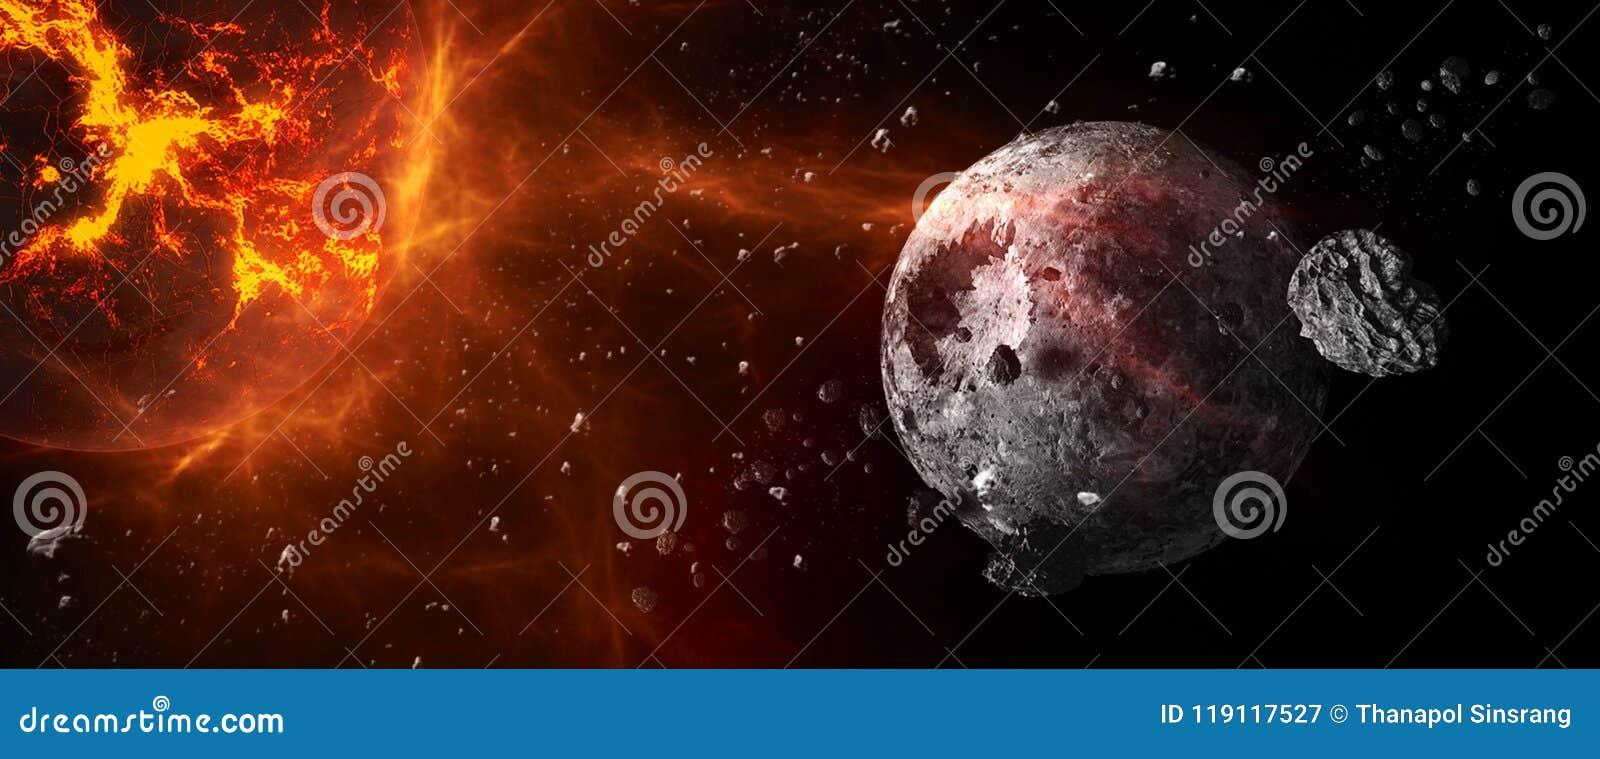 Planetas e galáxias, papel de parede da ficção científica Beleza do espaço profundo